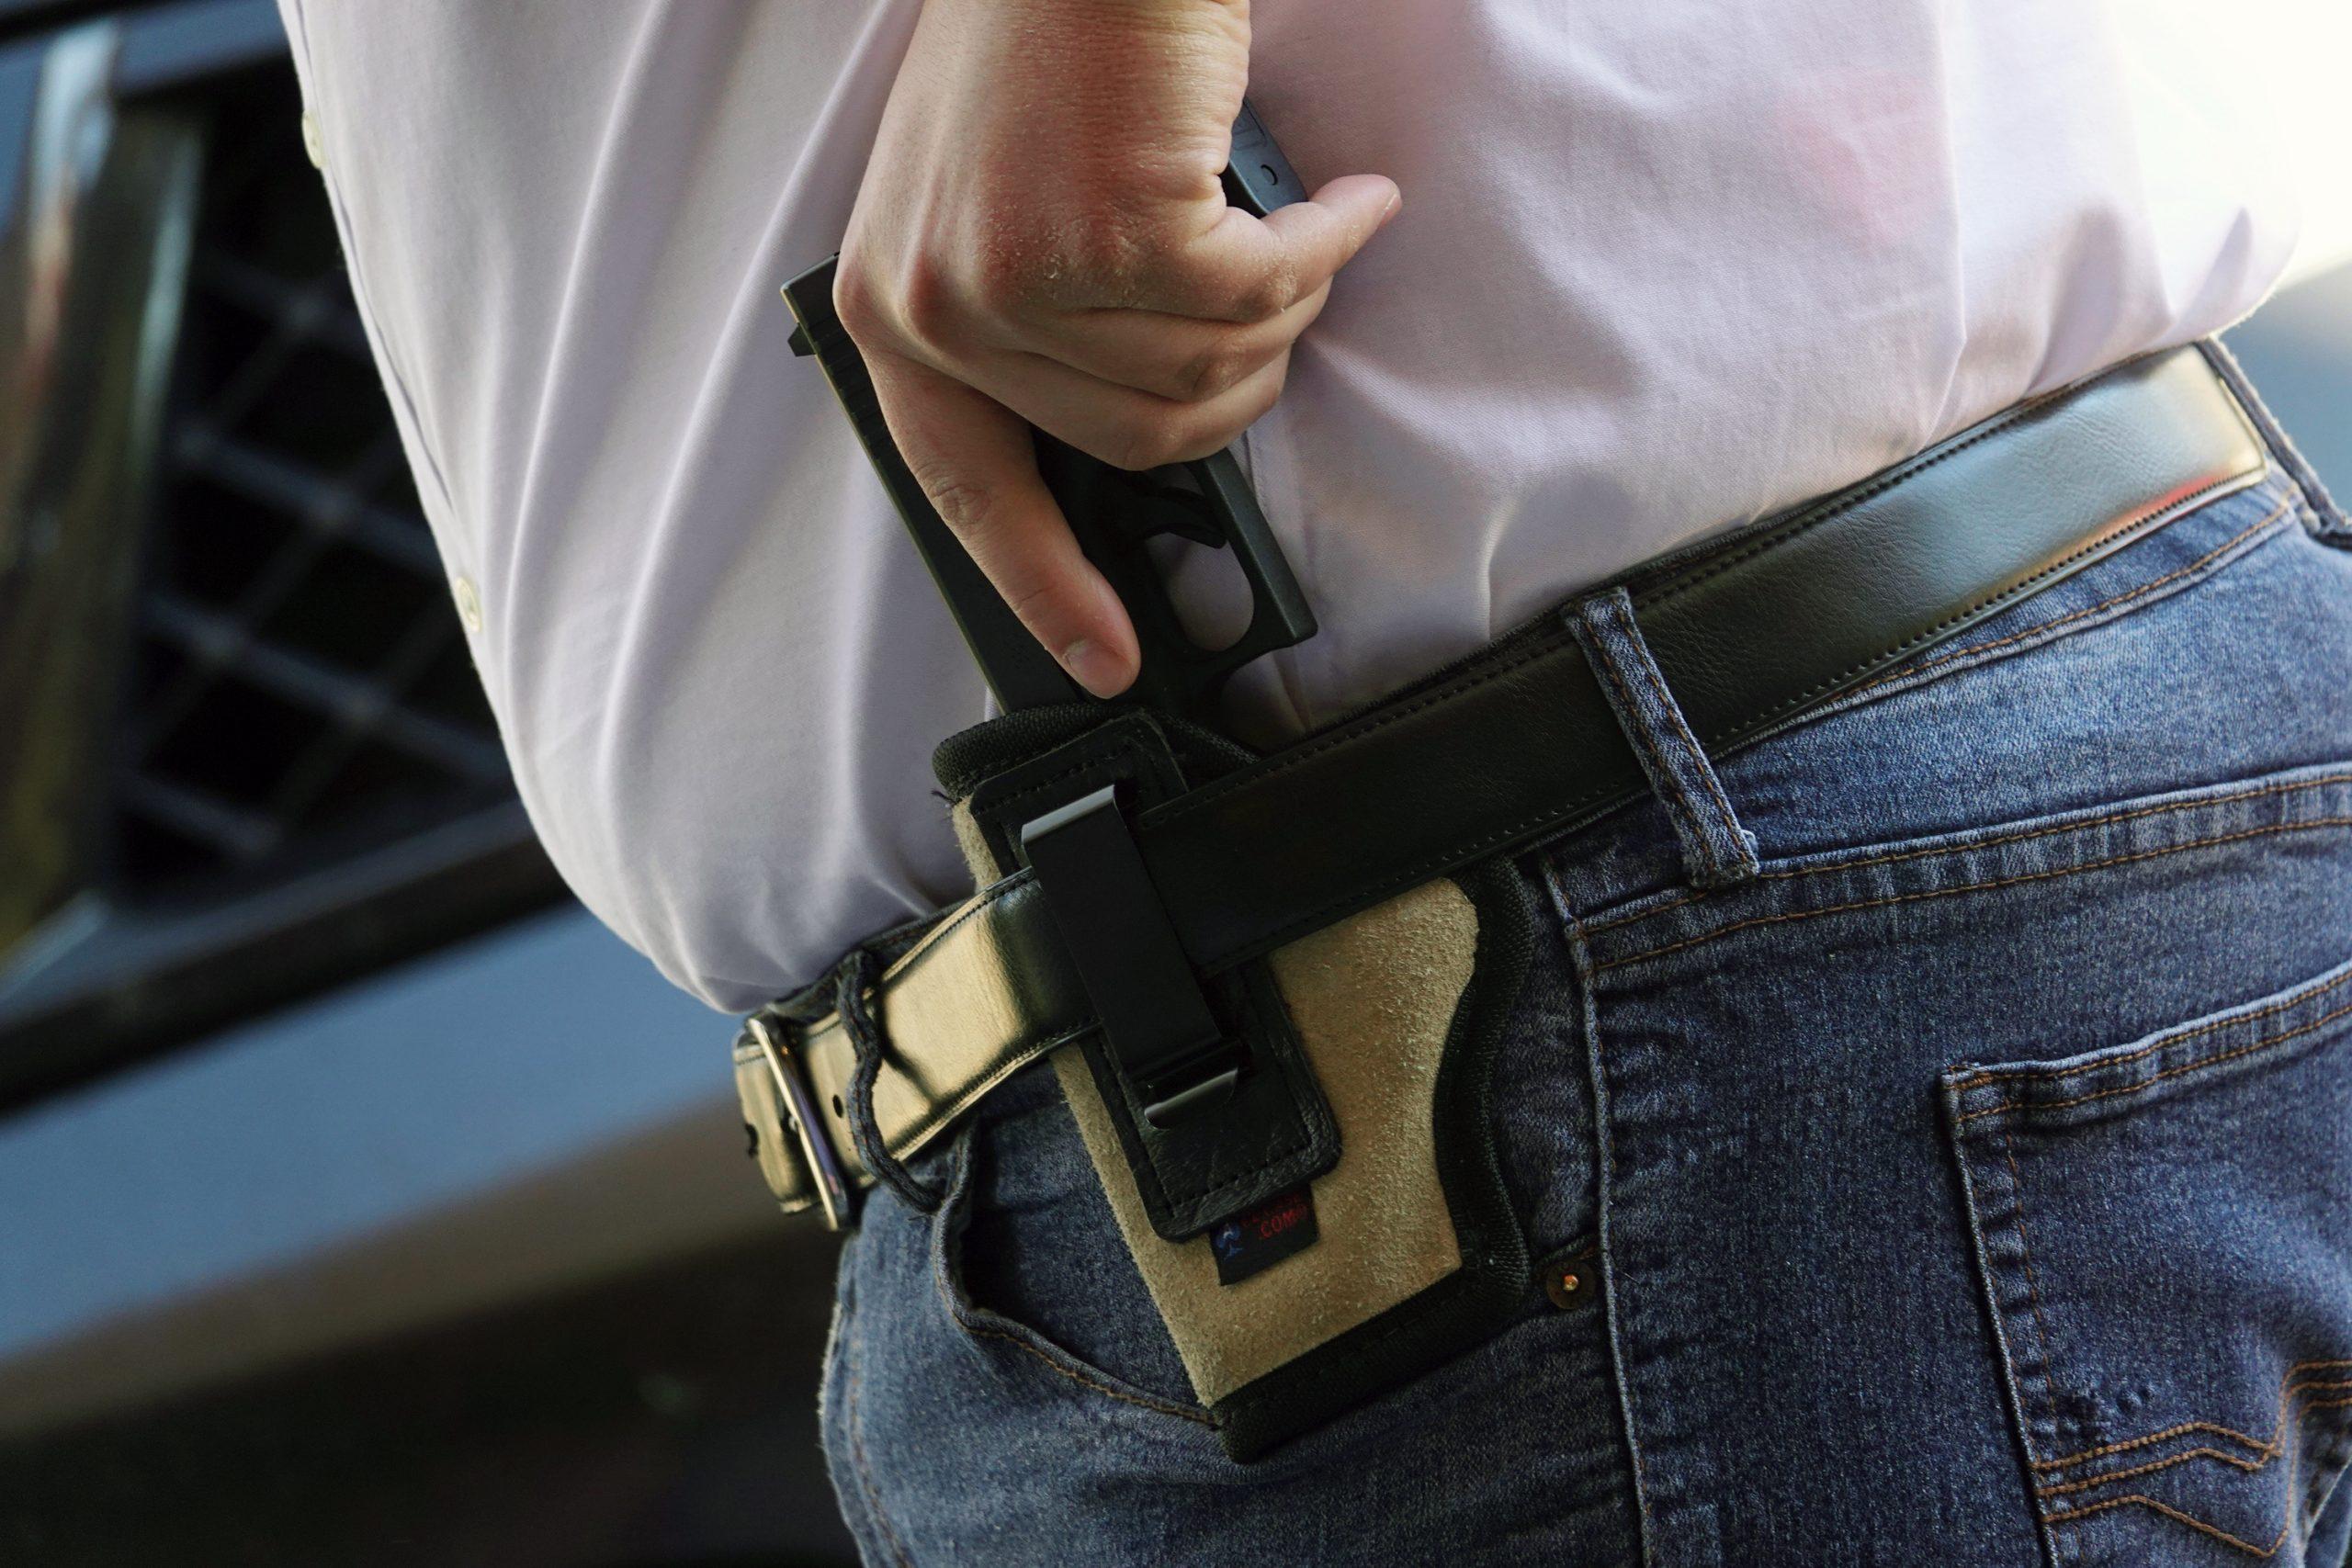 Permit-less gun carry bills steamroll through Legislature